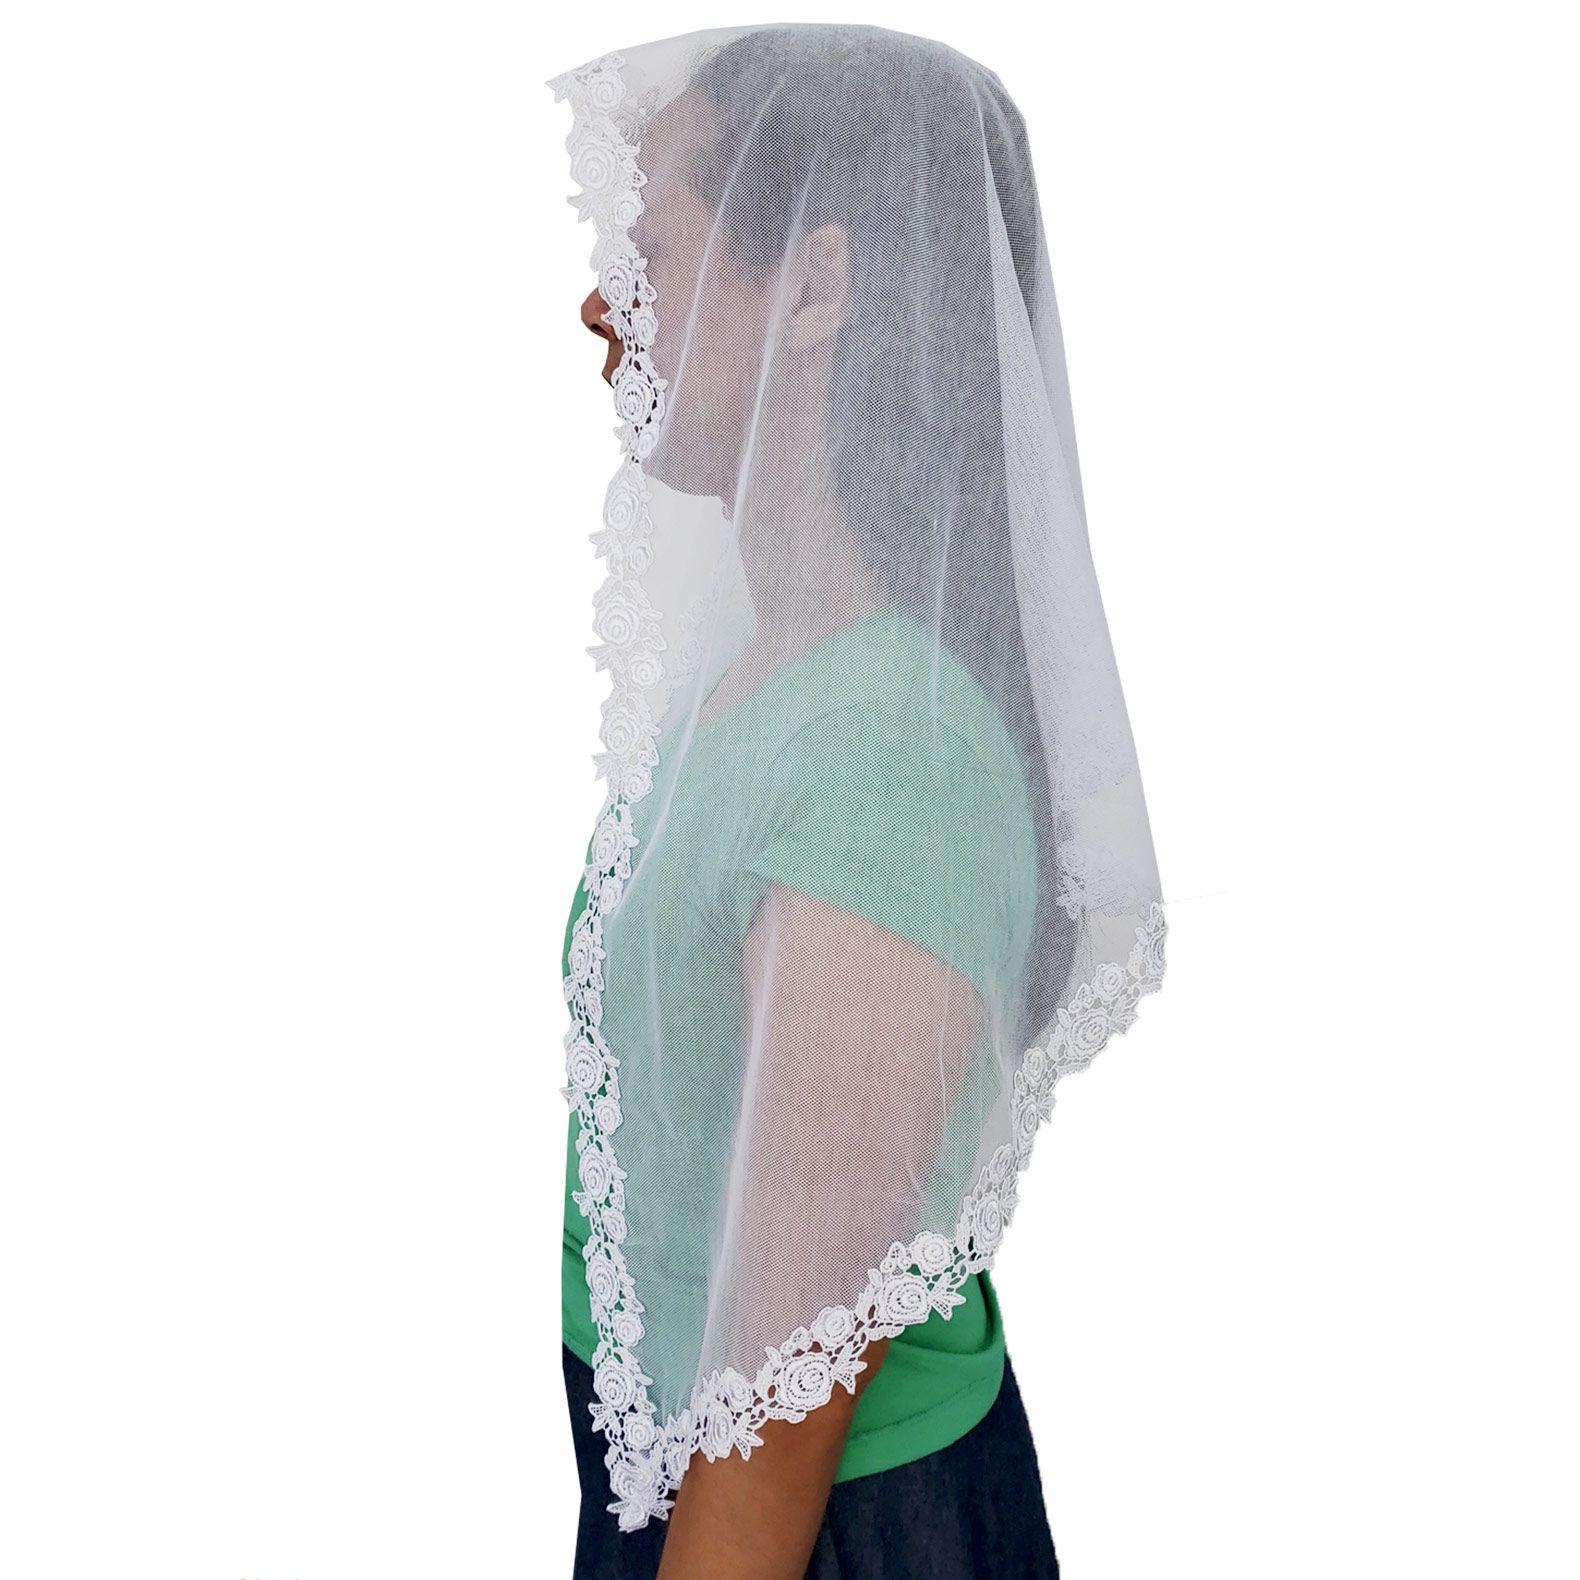 Véu CCB Tecido de Algodão Verona Renda OR-53314